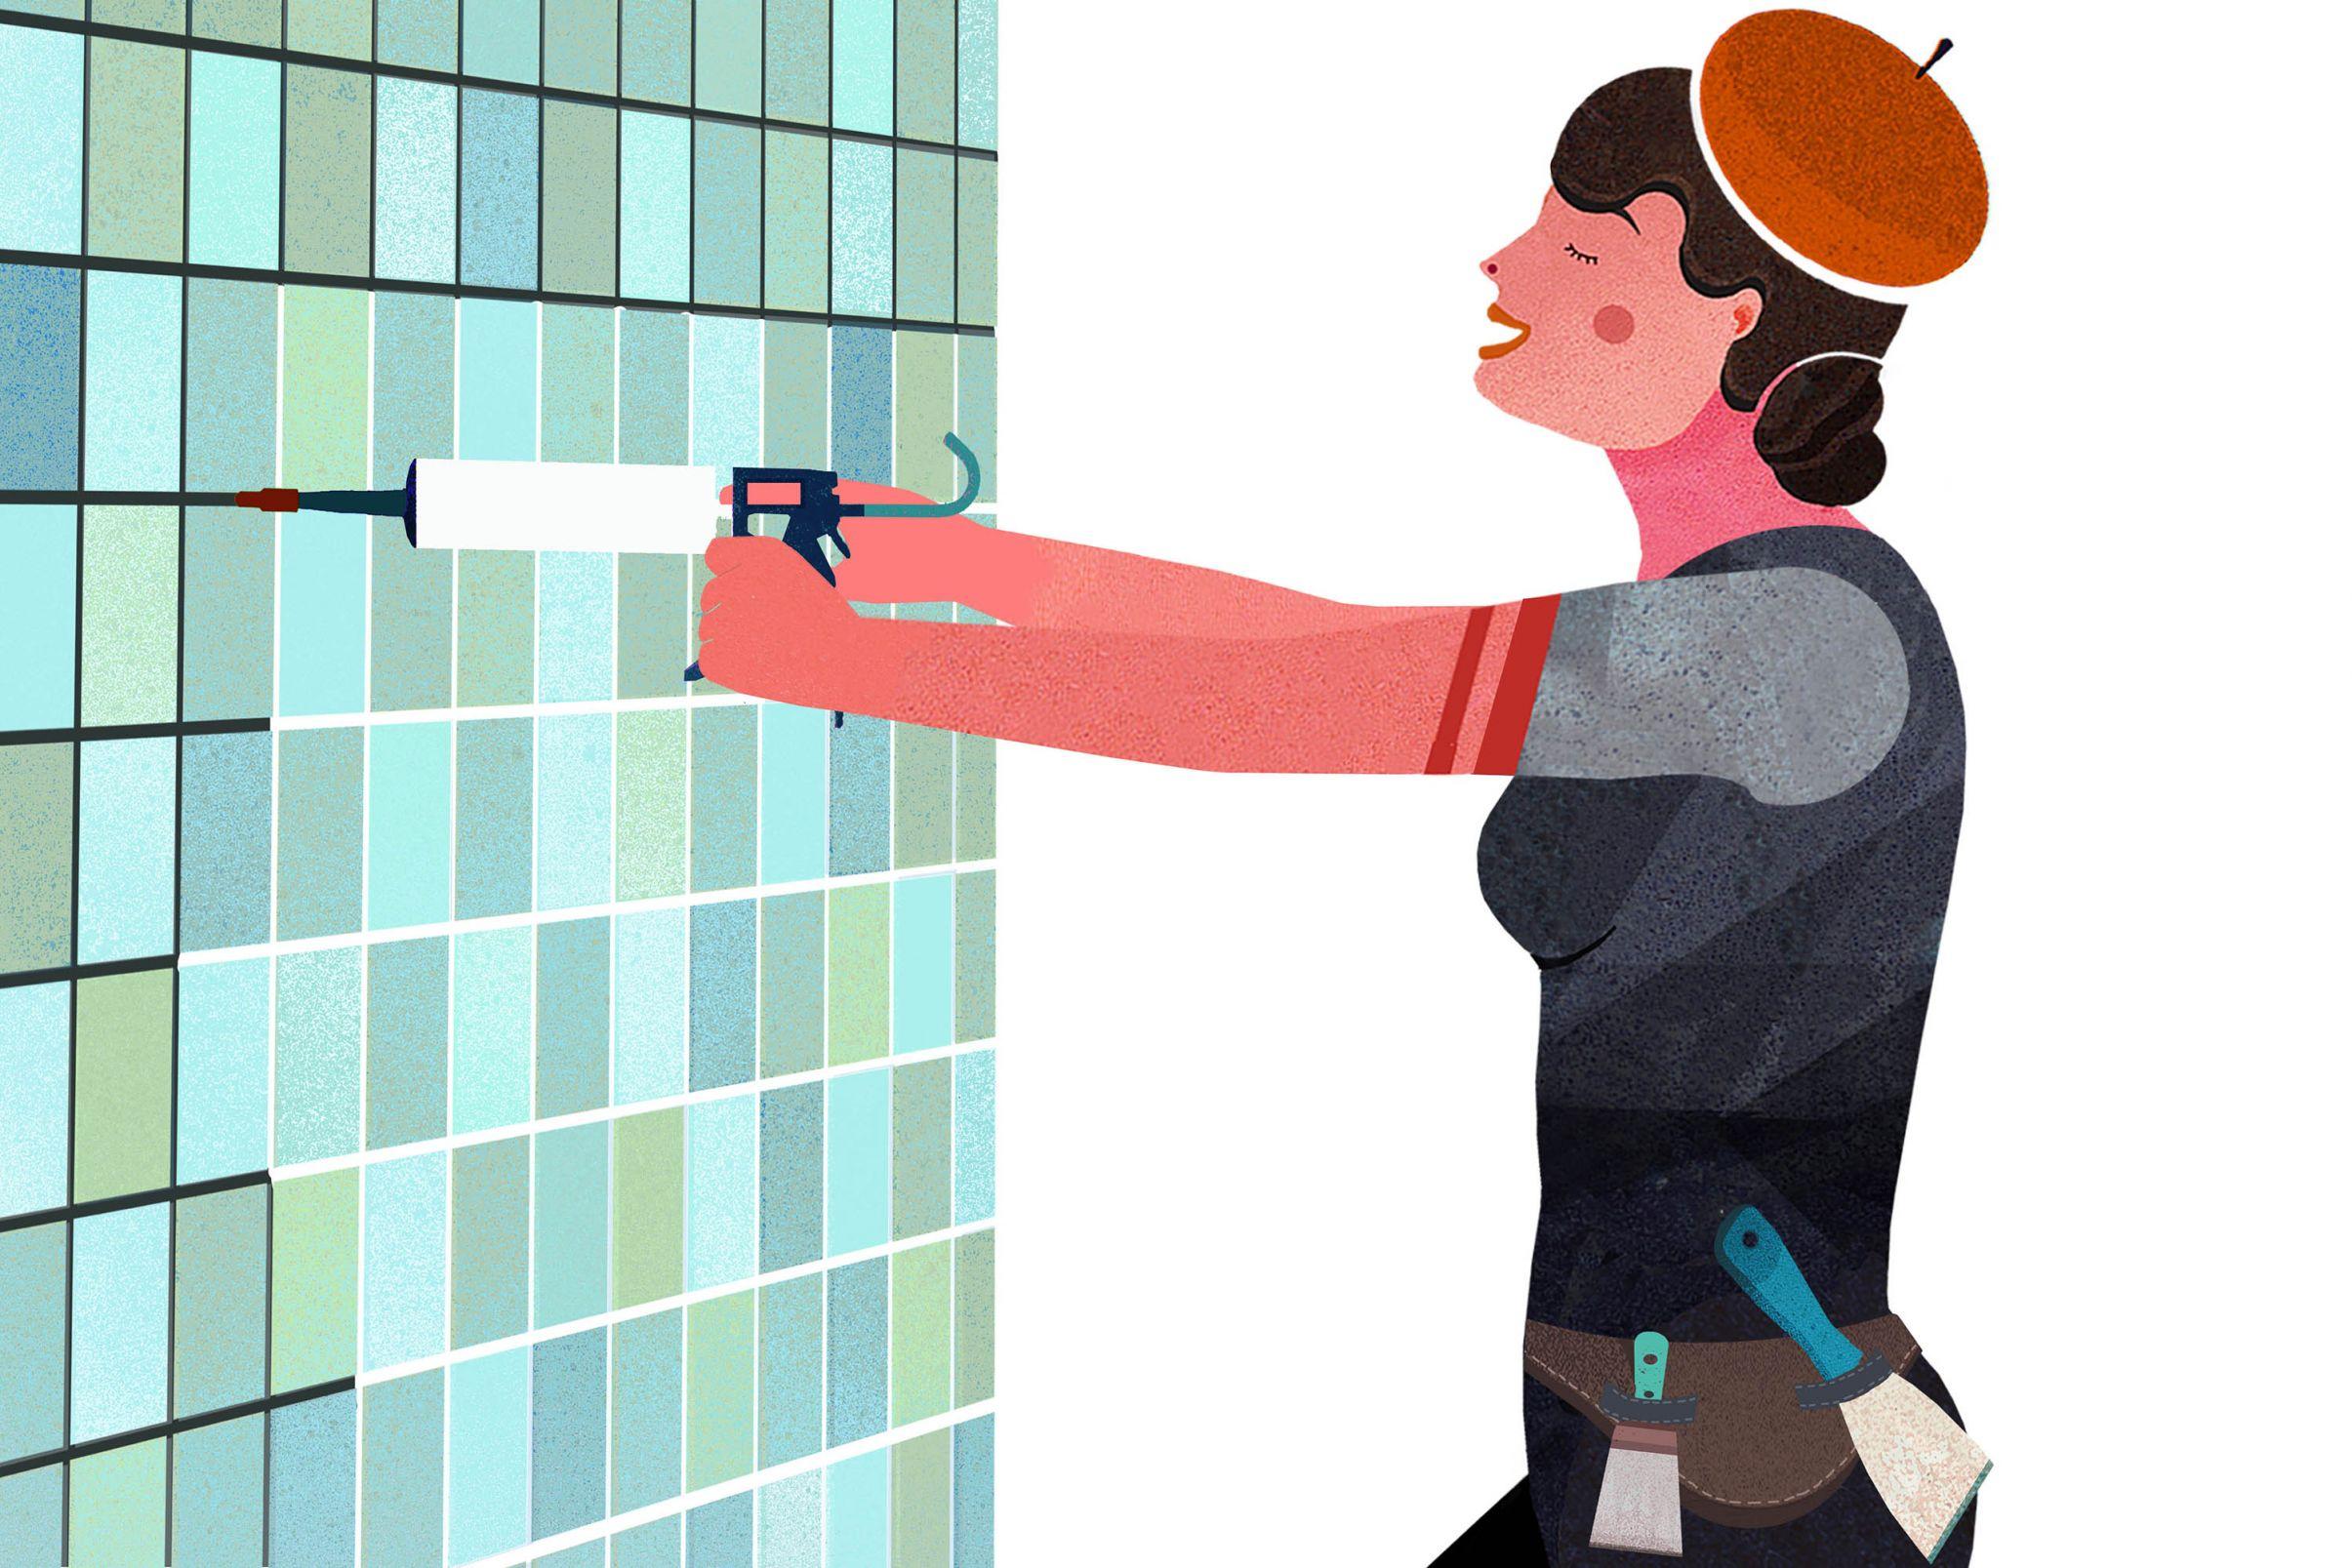 Como-empapelar-cuartos-de-bano-Rellenar-la-lechada-alisar-el-relleno-y-lijar-azulejos-con-papel-lija